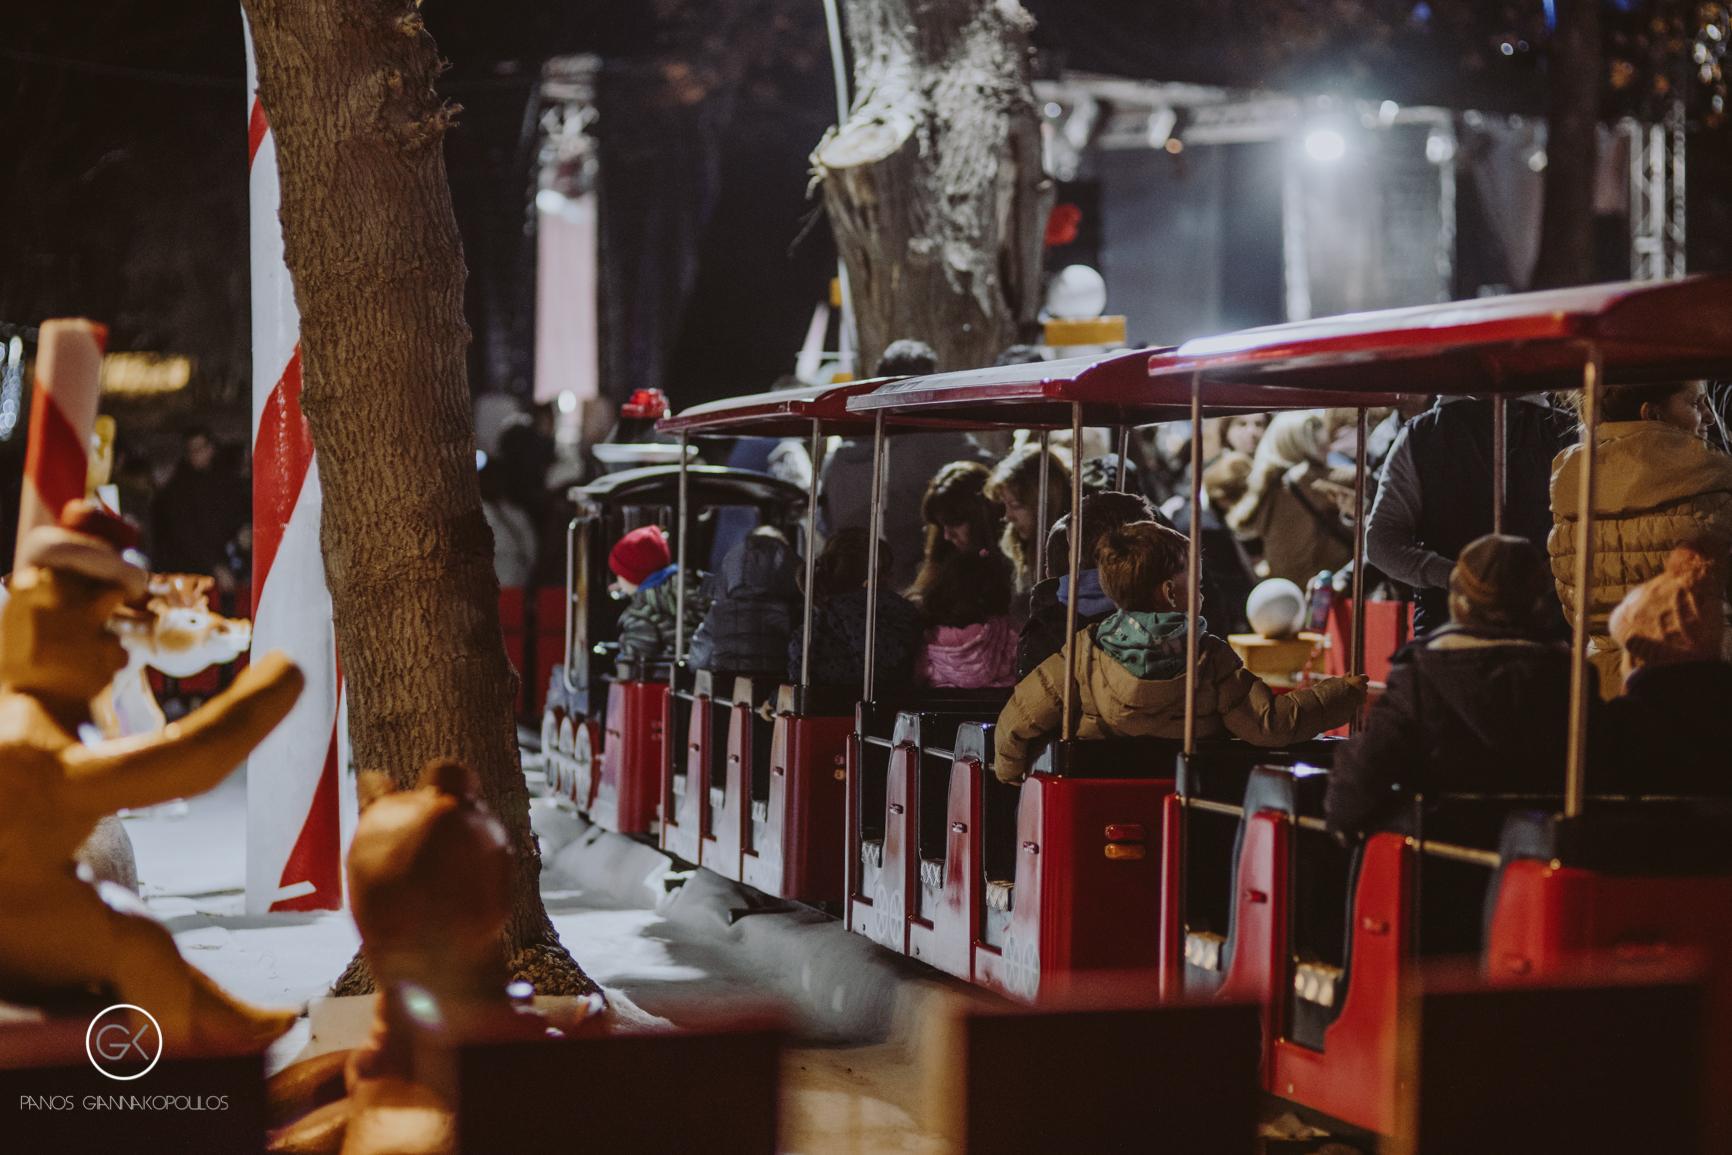 PAN 6321 - Το Πάρκο των Ευχών μέσα από το φακό του Πάνου Γιαννακόπουλου!